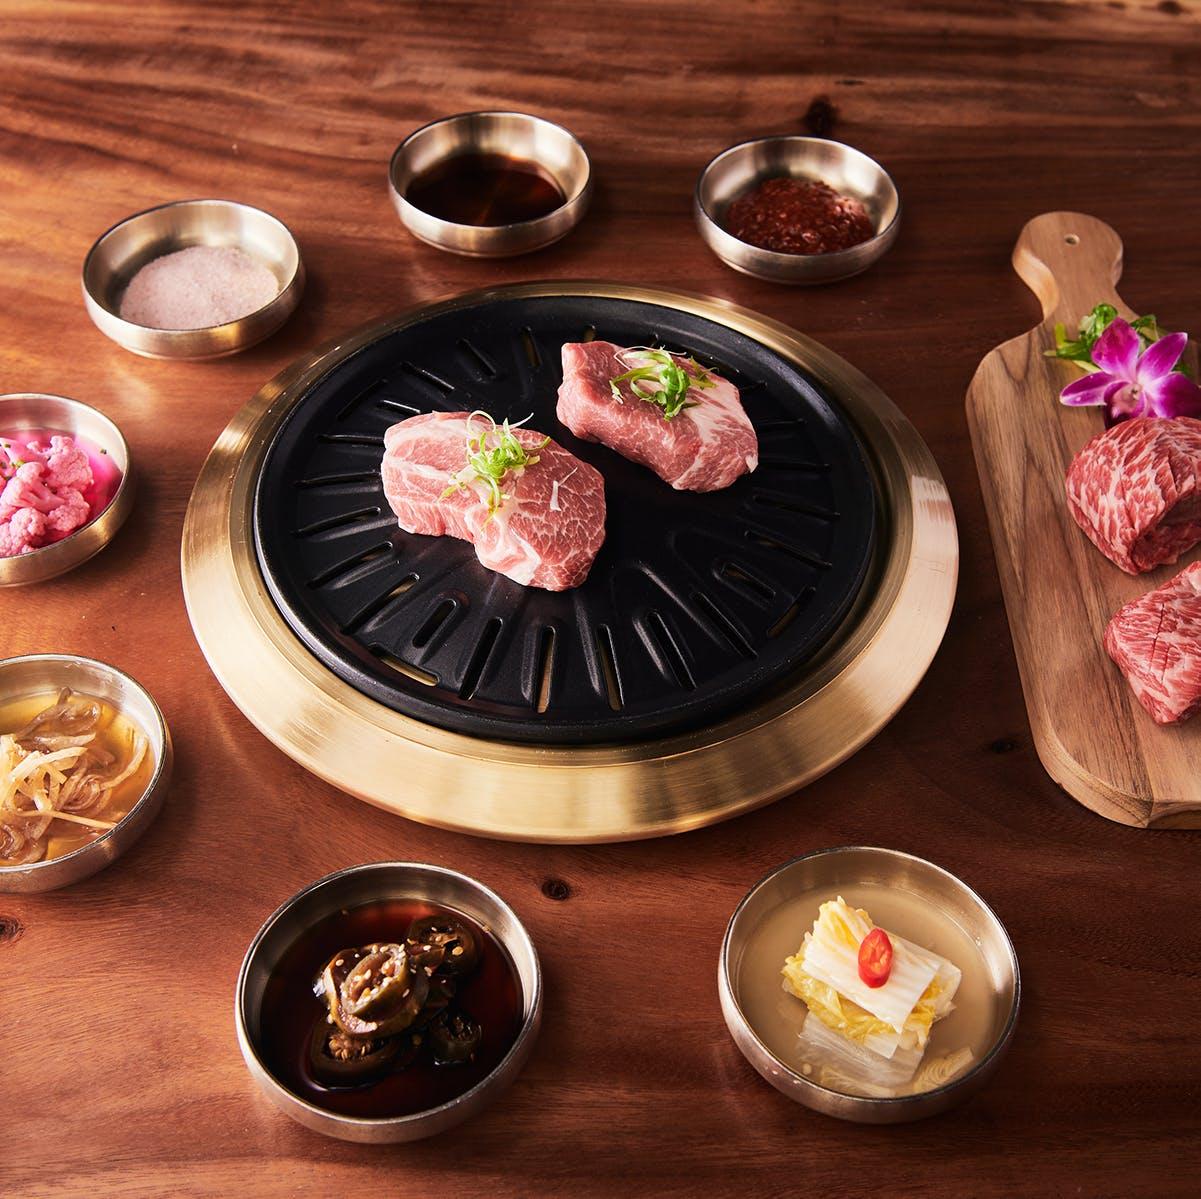 Samwon Garden Korean BBQ - Korean BBQ Galbi Best Sellers for 4-6